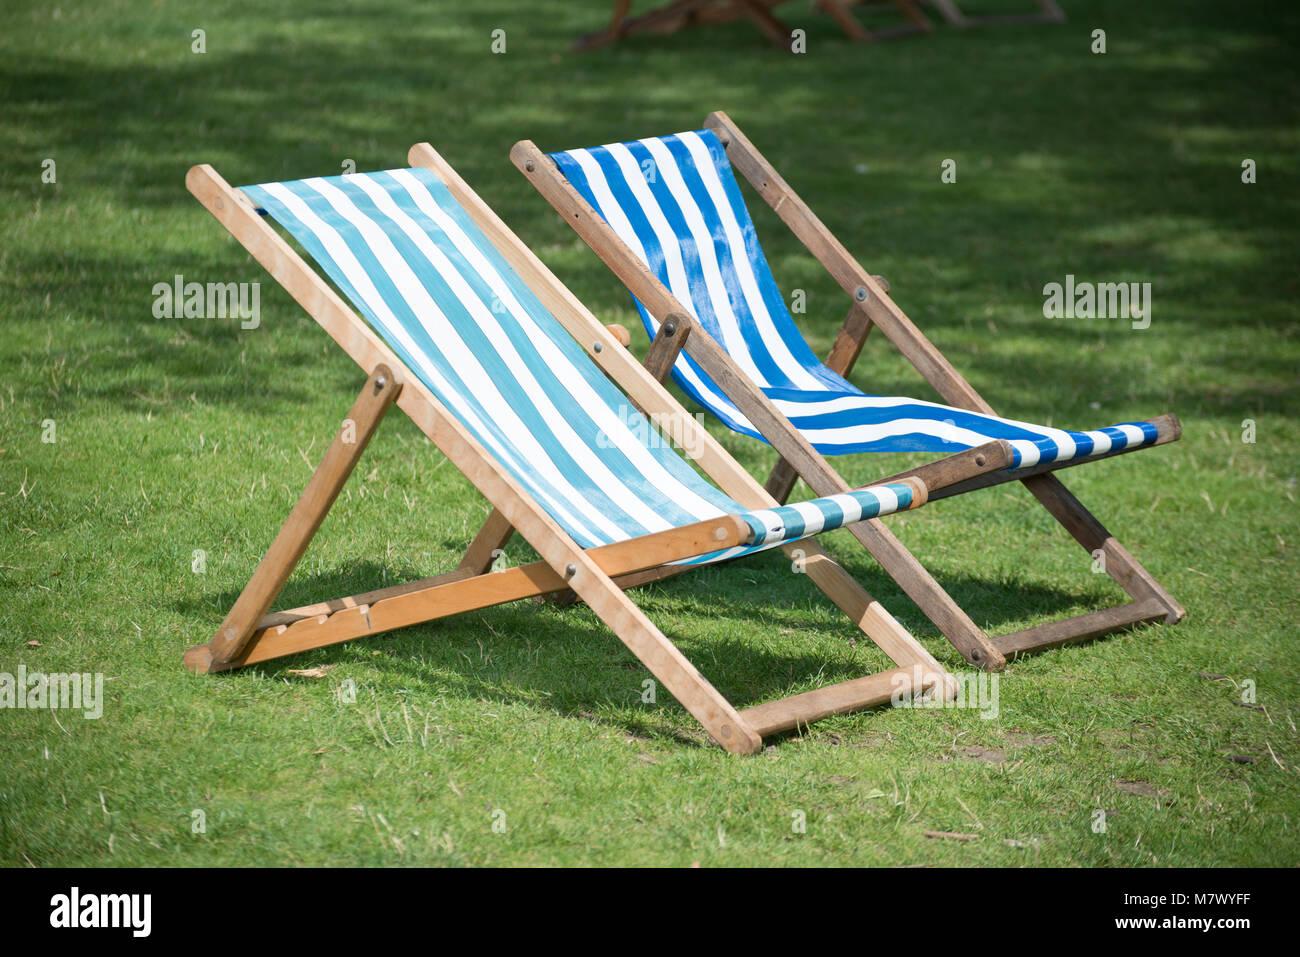 Sedia Sdraio In Inglese.Isolato Occupato Sedie A Sdraio Nel Giardino Inglese Foto Immagine